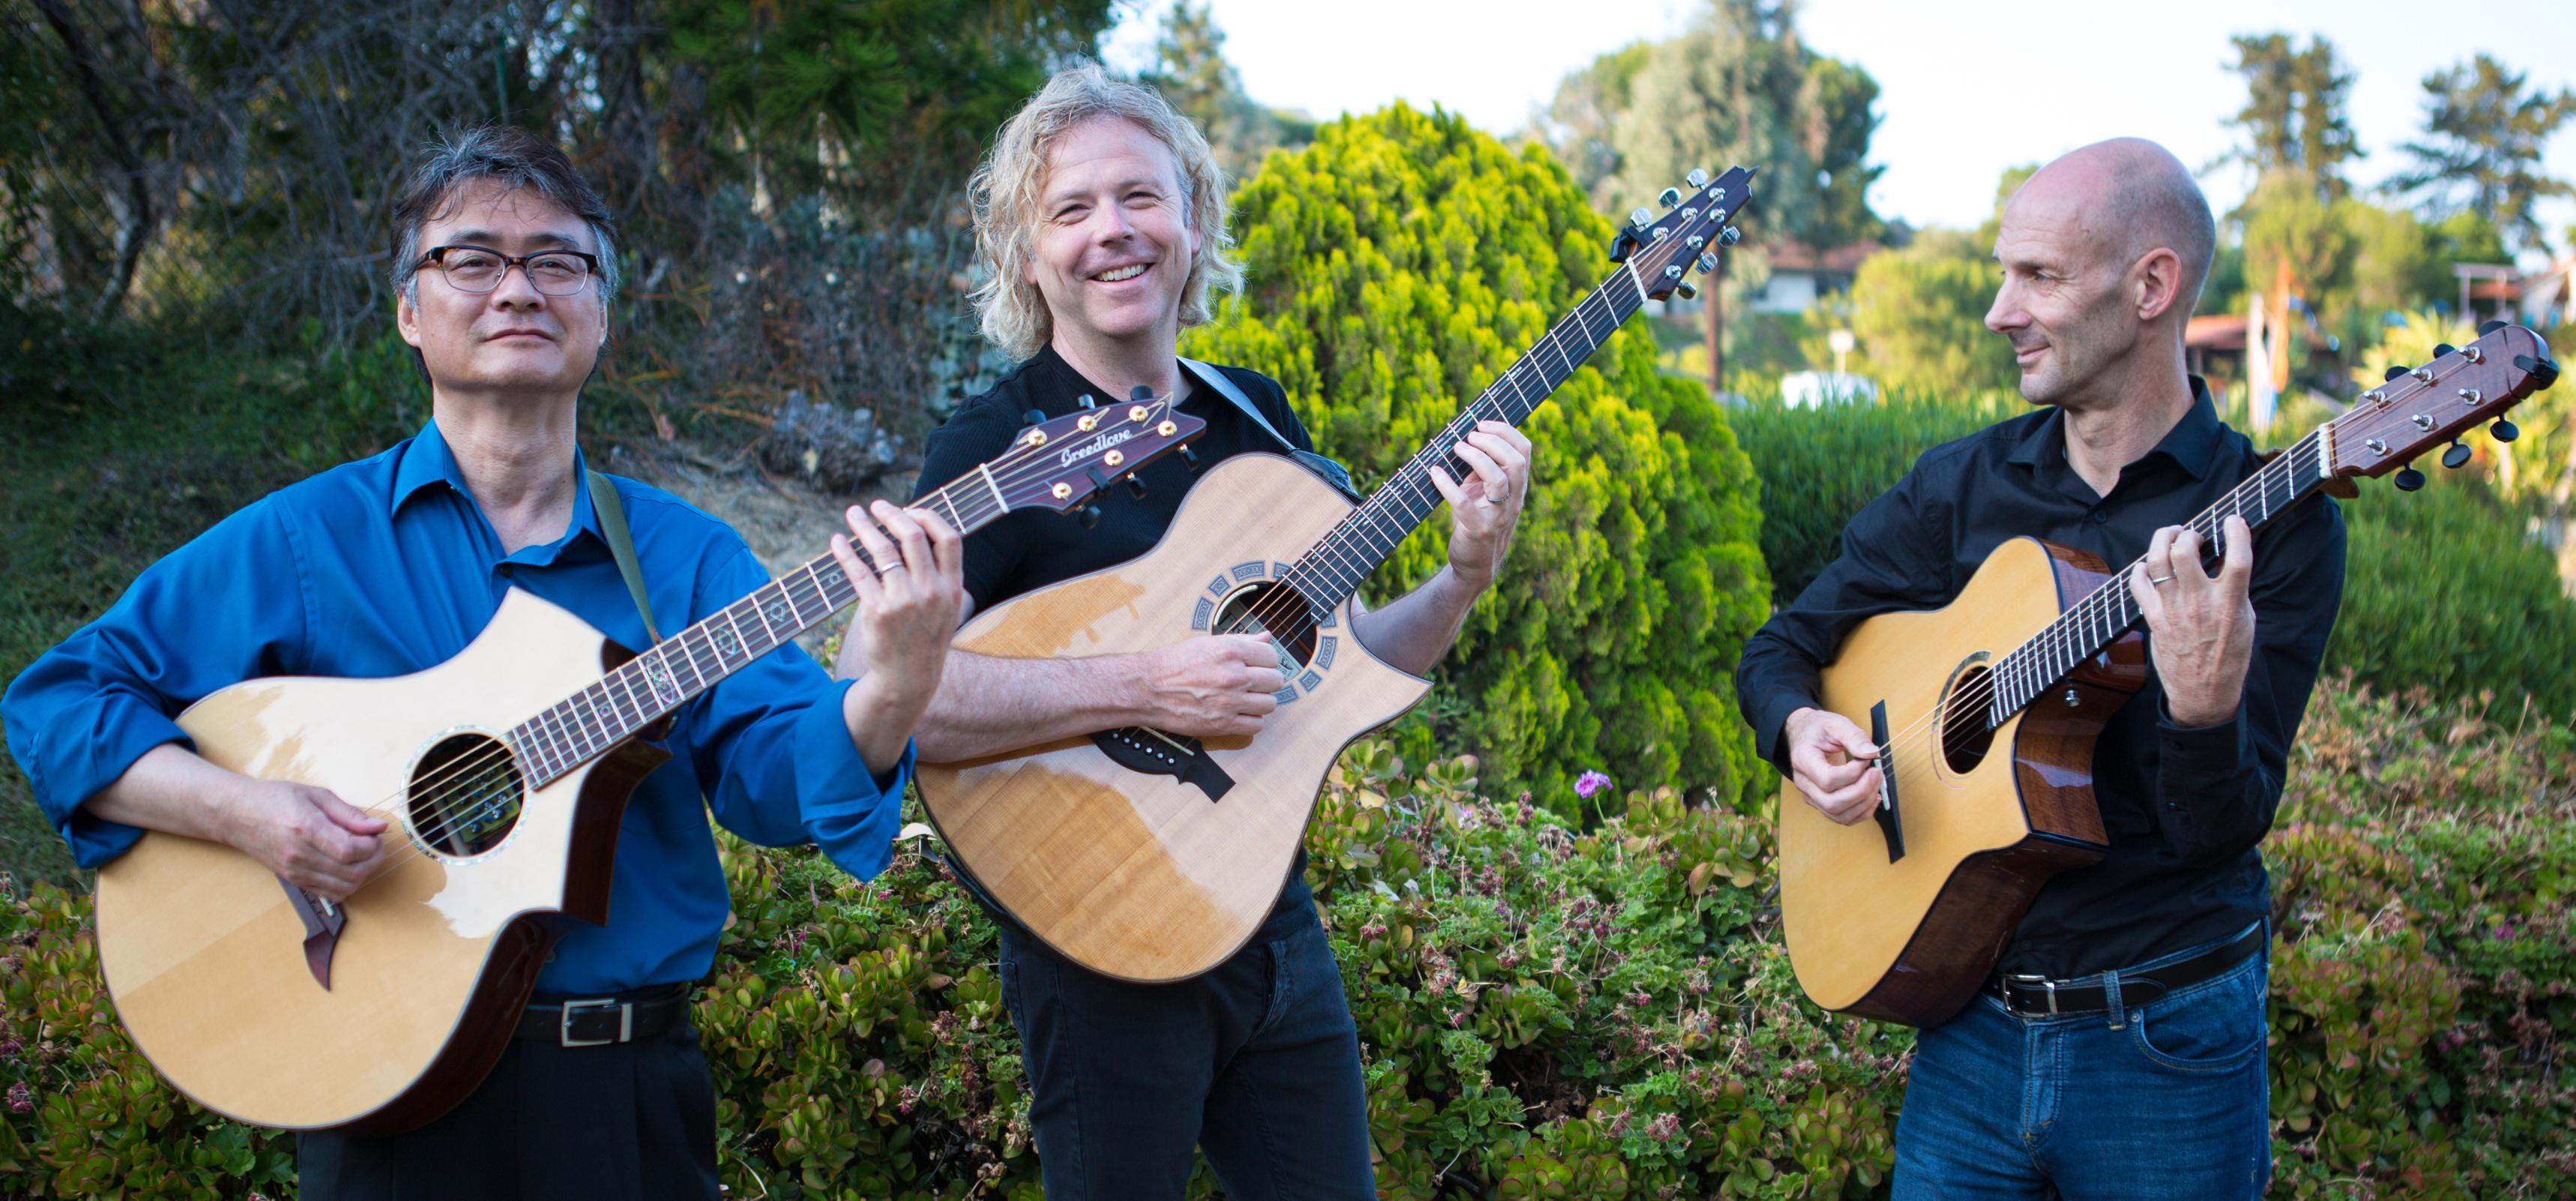 California Guitar Trio. © 2016 TourBusLive.com